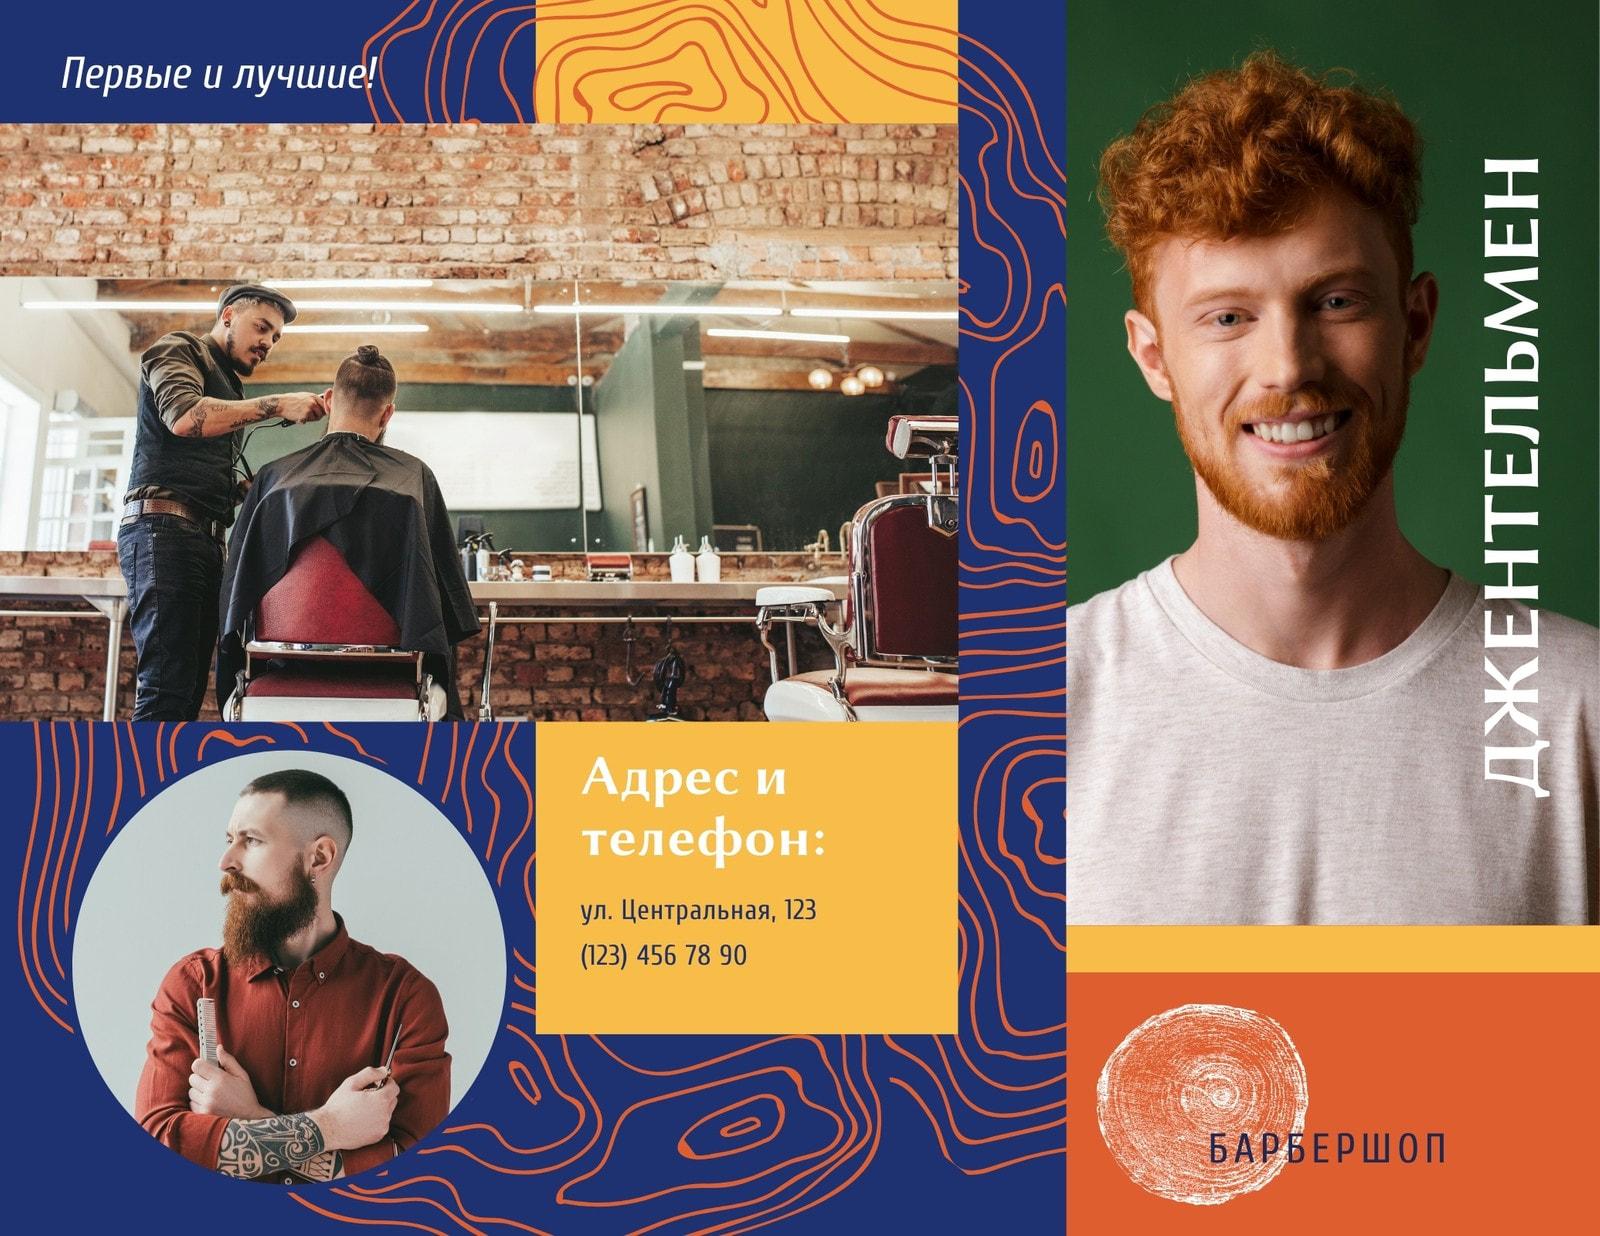 Синяя, оранжевая и зеленая брошюра с прайс-листом барбершопа